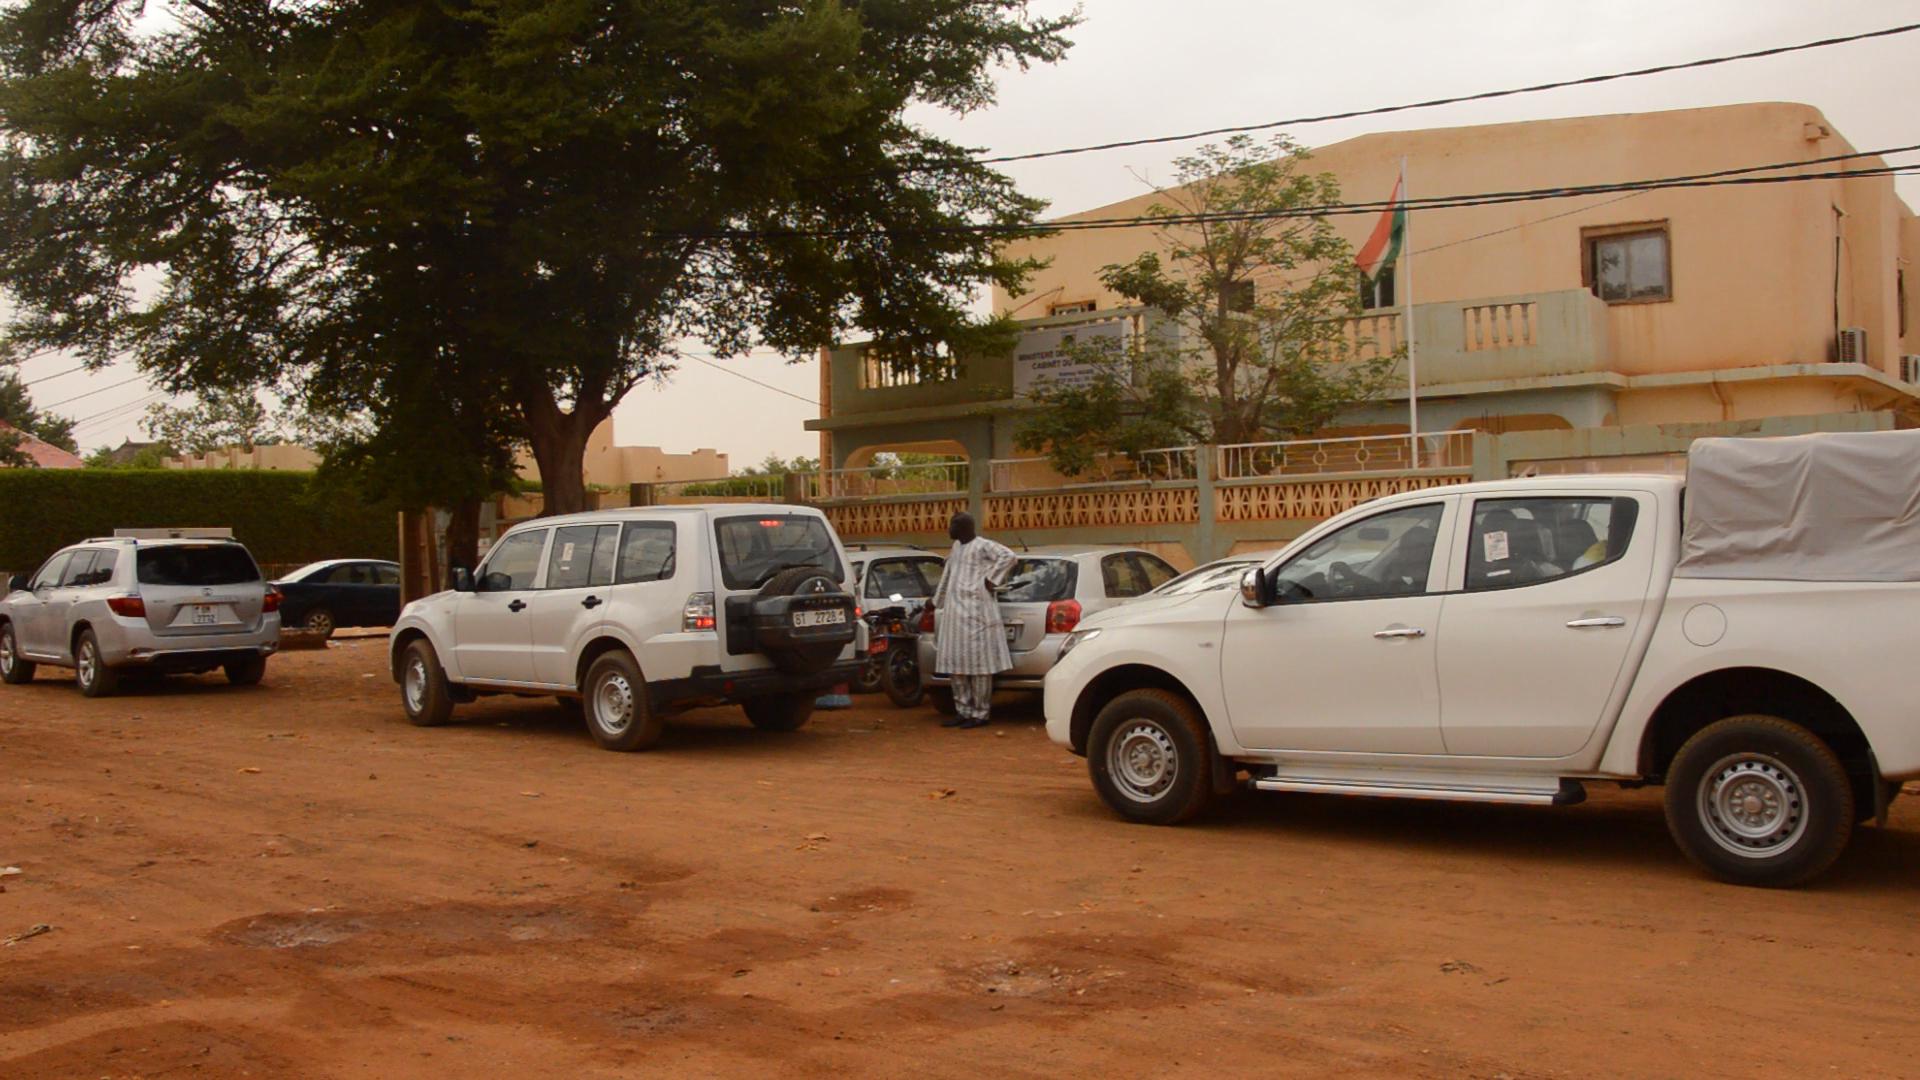 La Numérisation de l'Administration publique: le Niger à l'ère de l'efficience